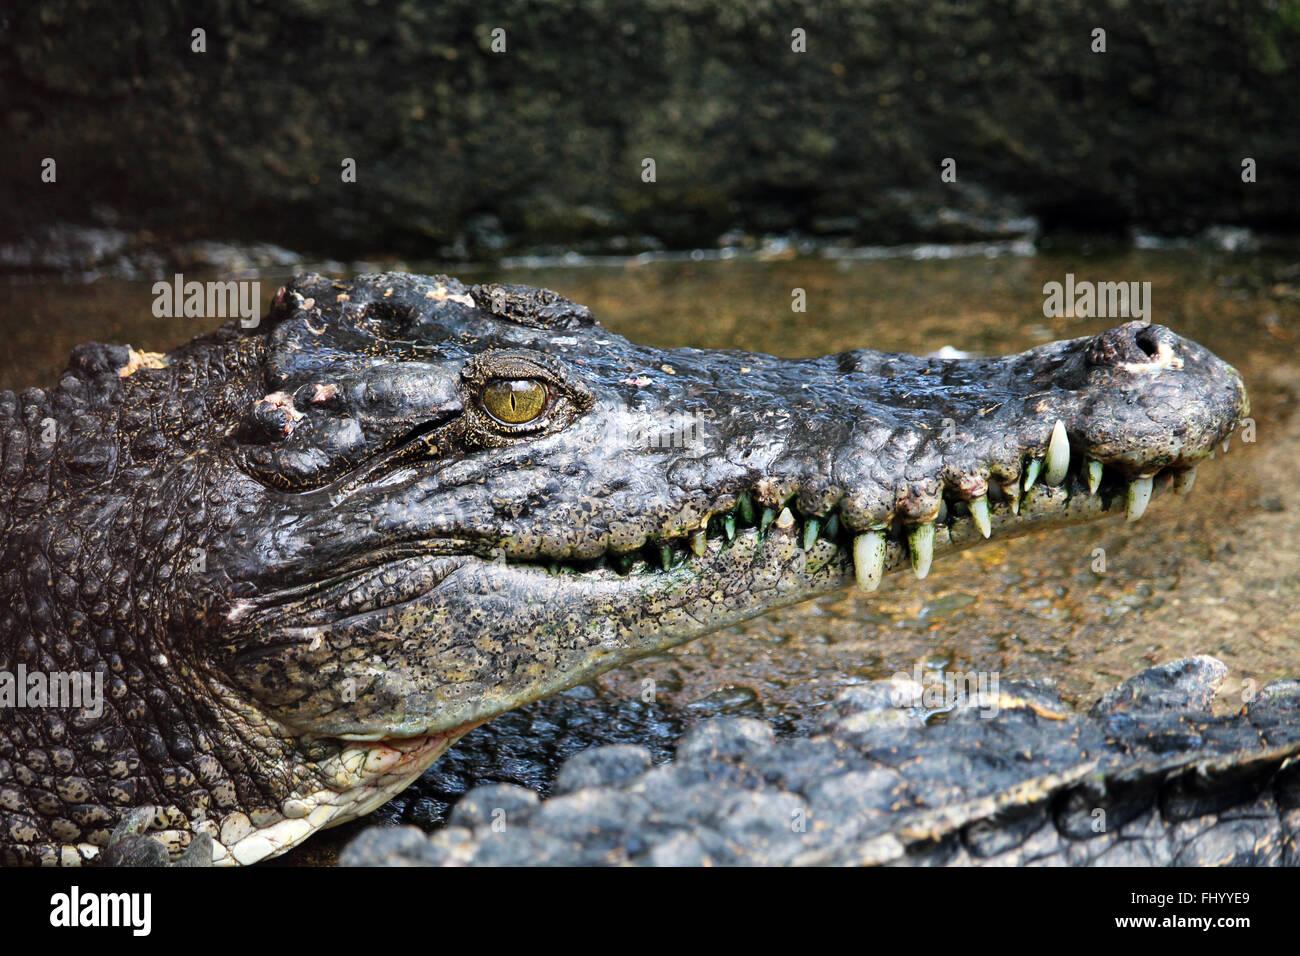 MIRI/MALAYSIA - 24 novembre 2015: un piccolo coccodrillo con grandi denti in Borneo Immagini Stock